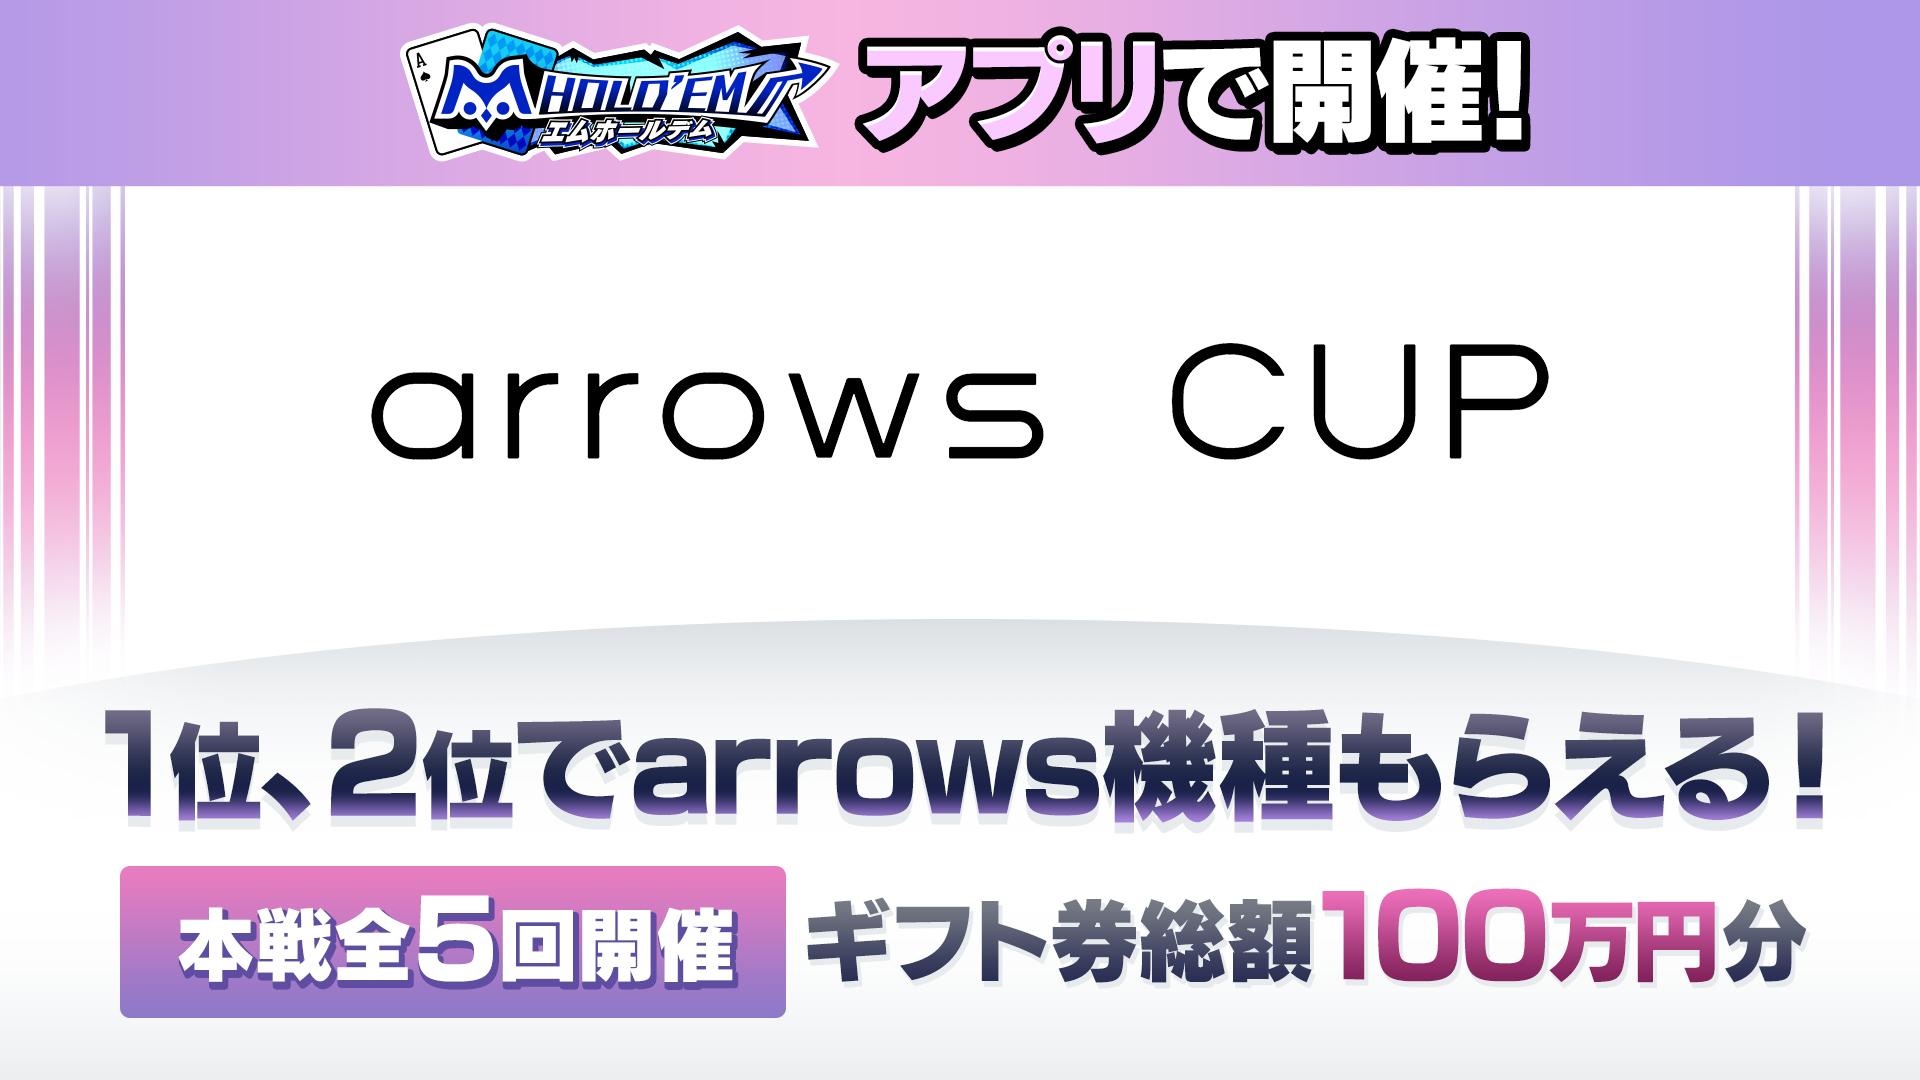 【アプリ】景品総額100万円&arrows機種を目指せ!arrows CUP開催!